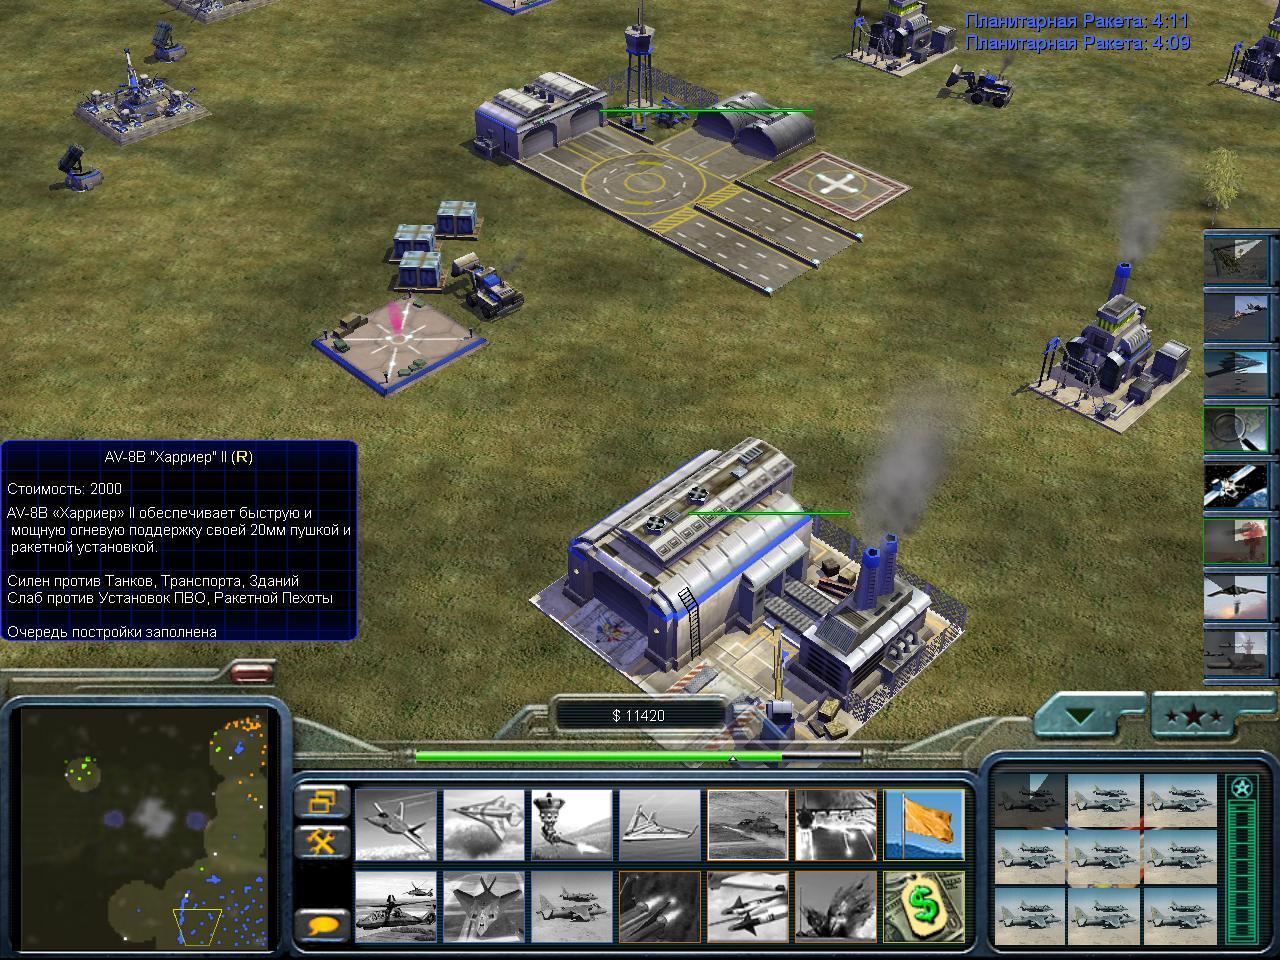 Генералы 2 игра скачать торрент на русском без регистрации.